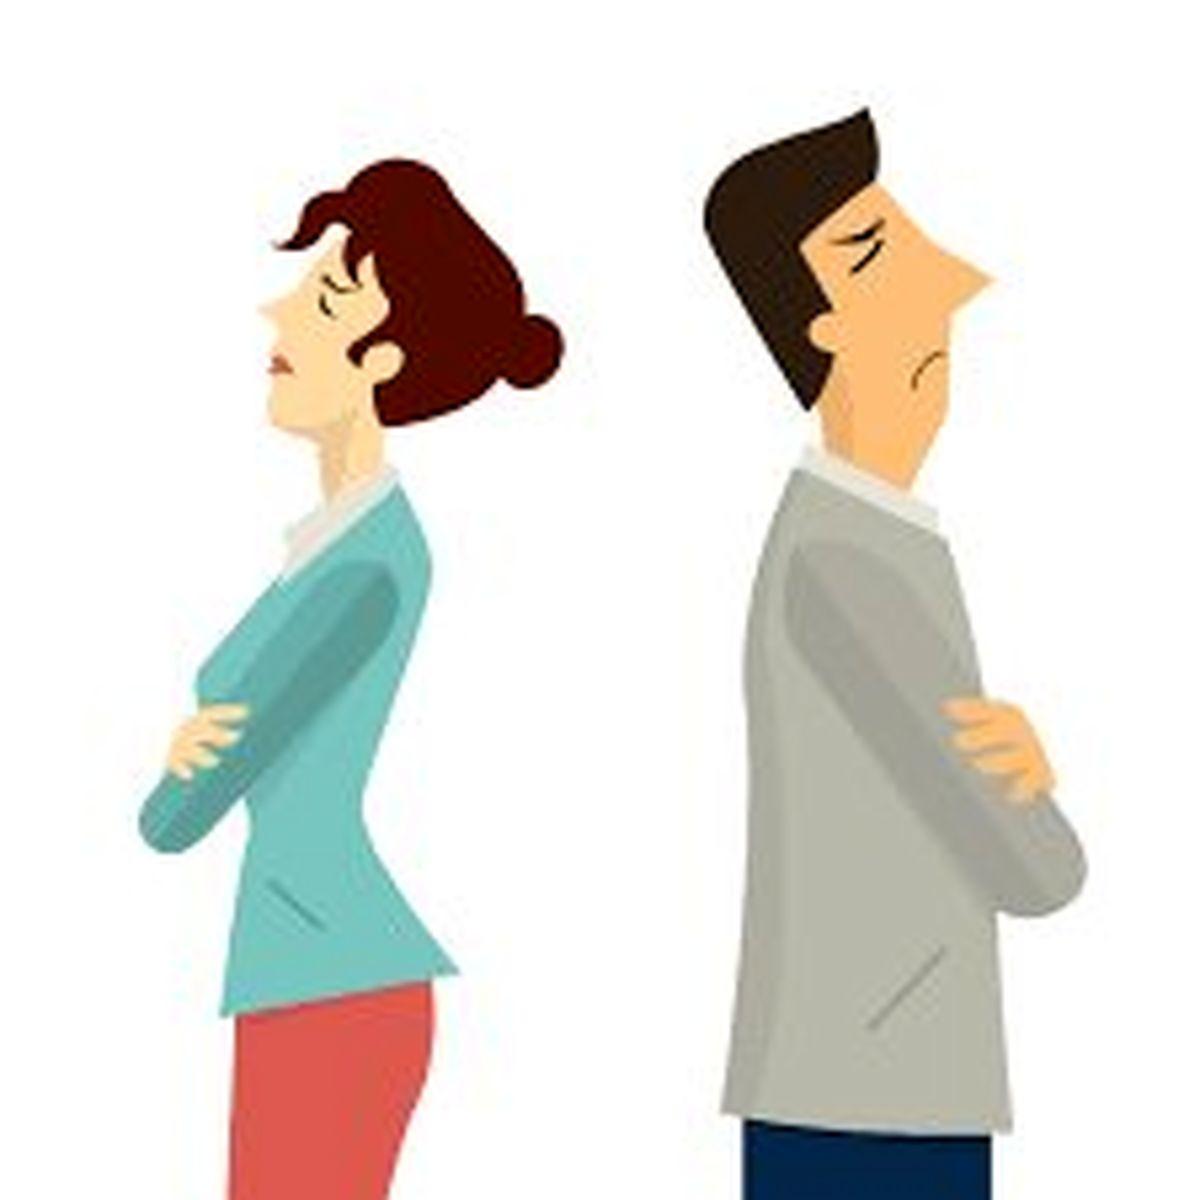 سلامت جنسی و آنچه که زن و شوهرها باید بدانند